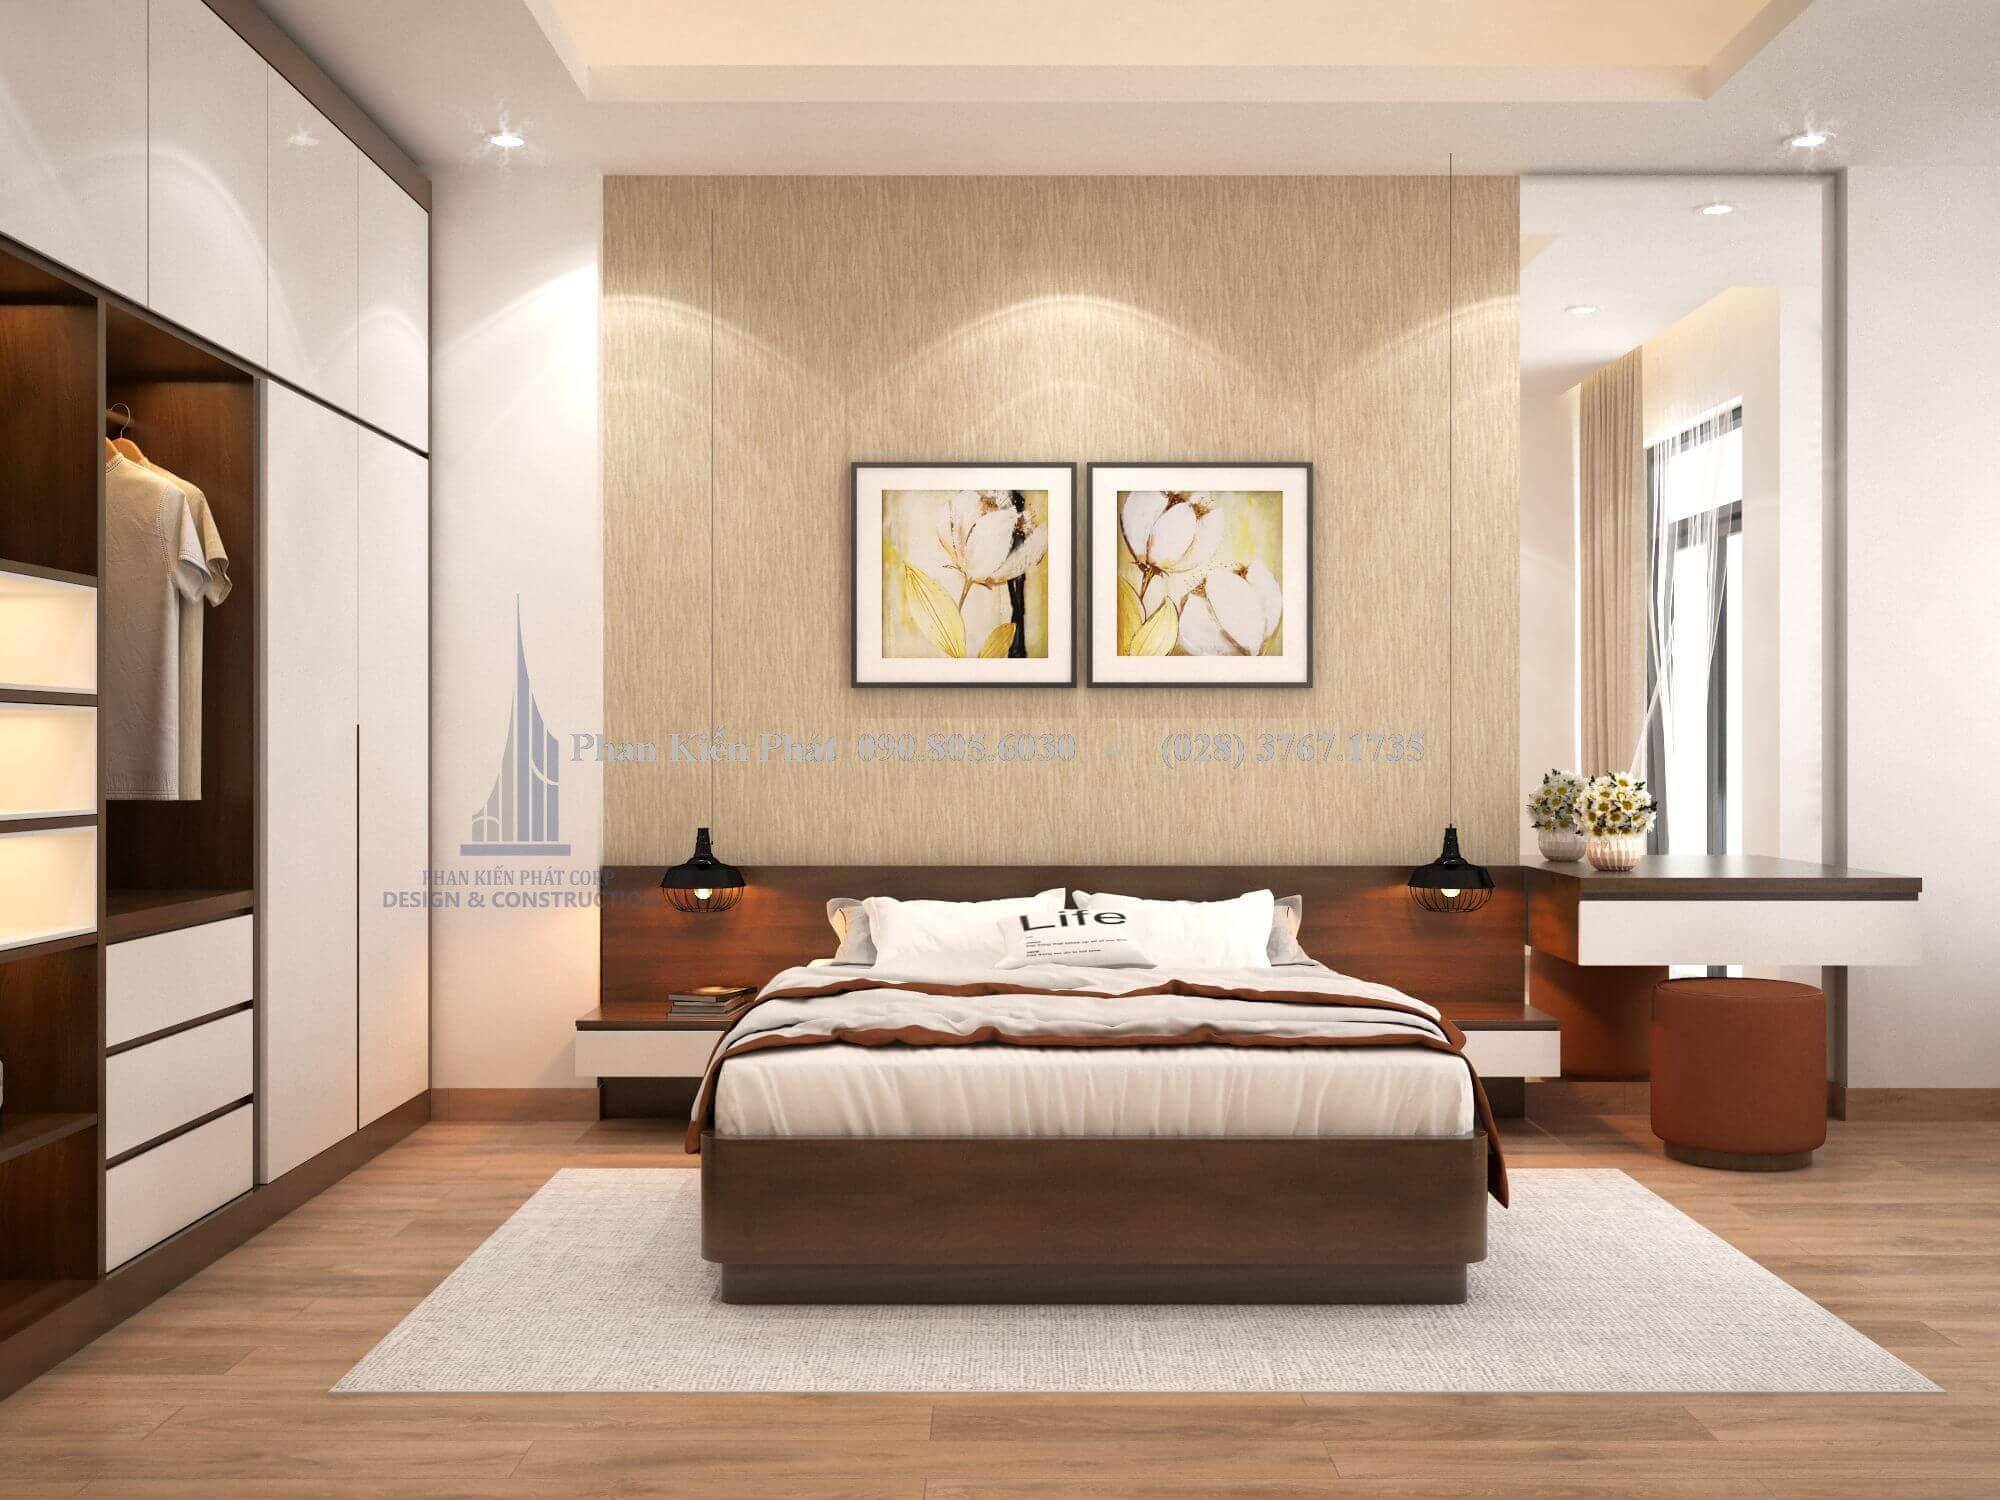 Mẫu thiết kế phòng ngủ hiện đại sang trọng